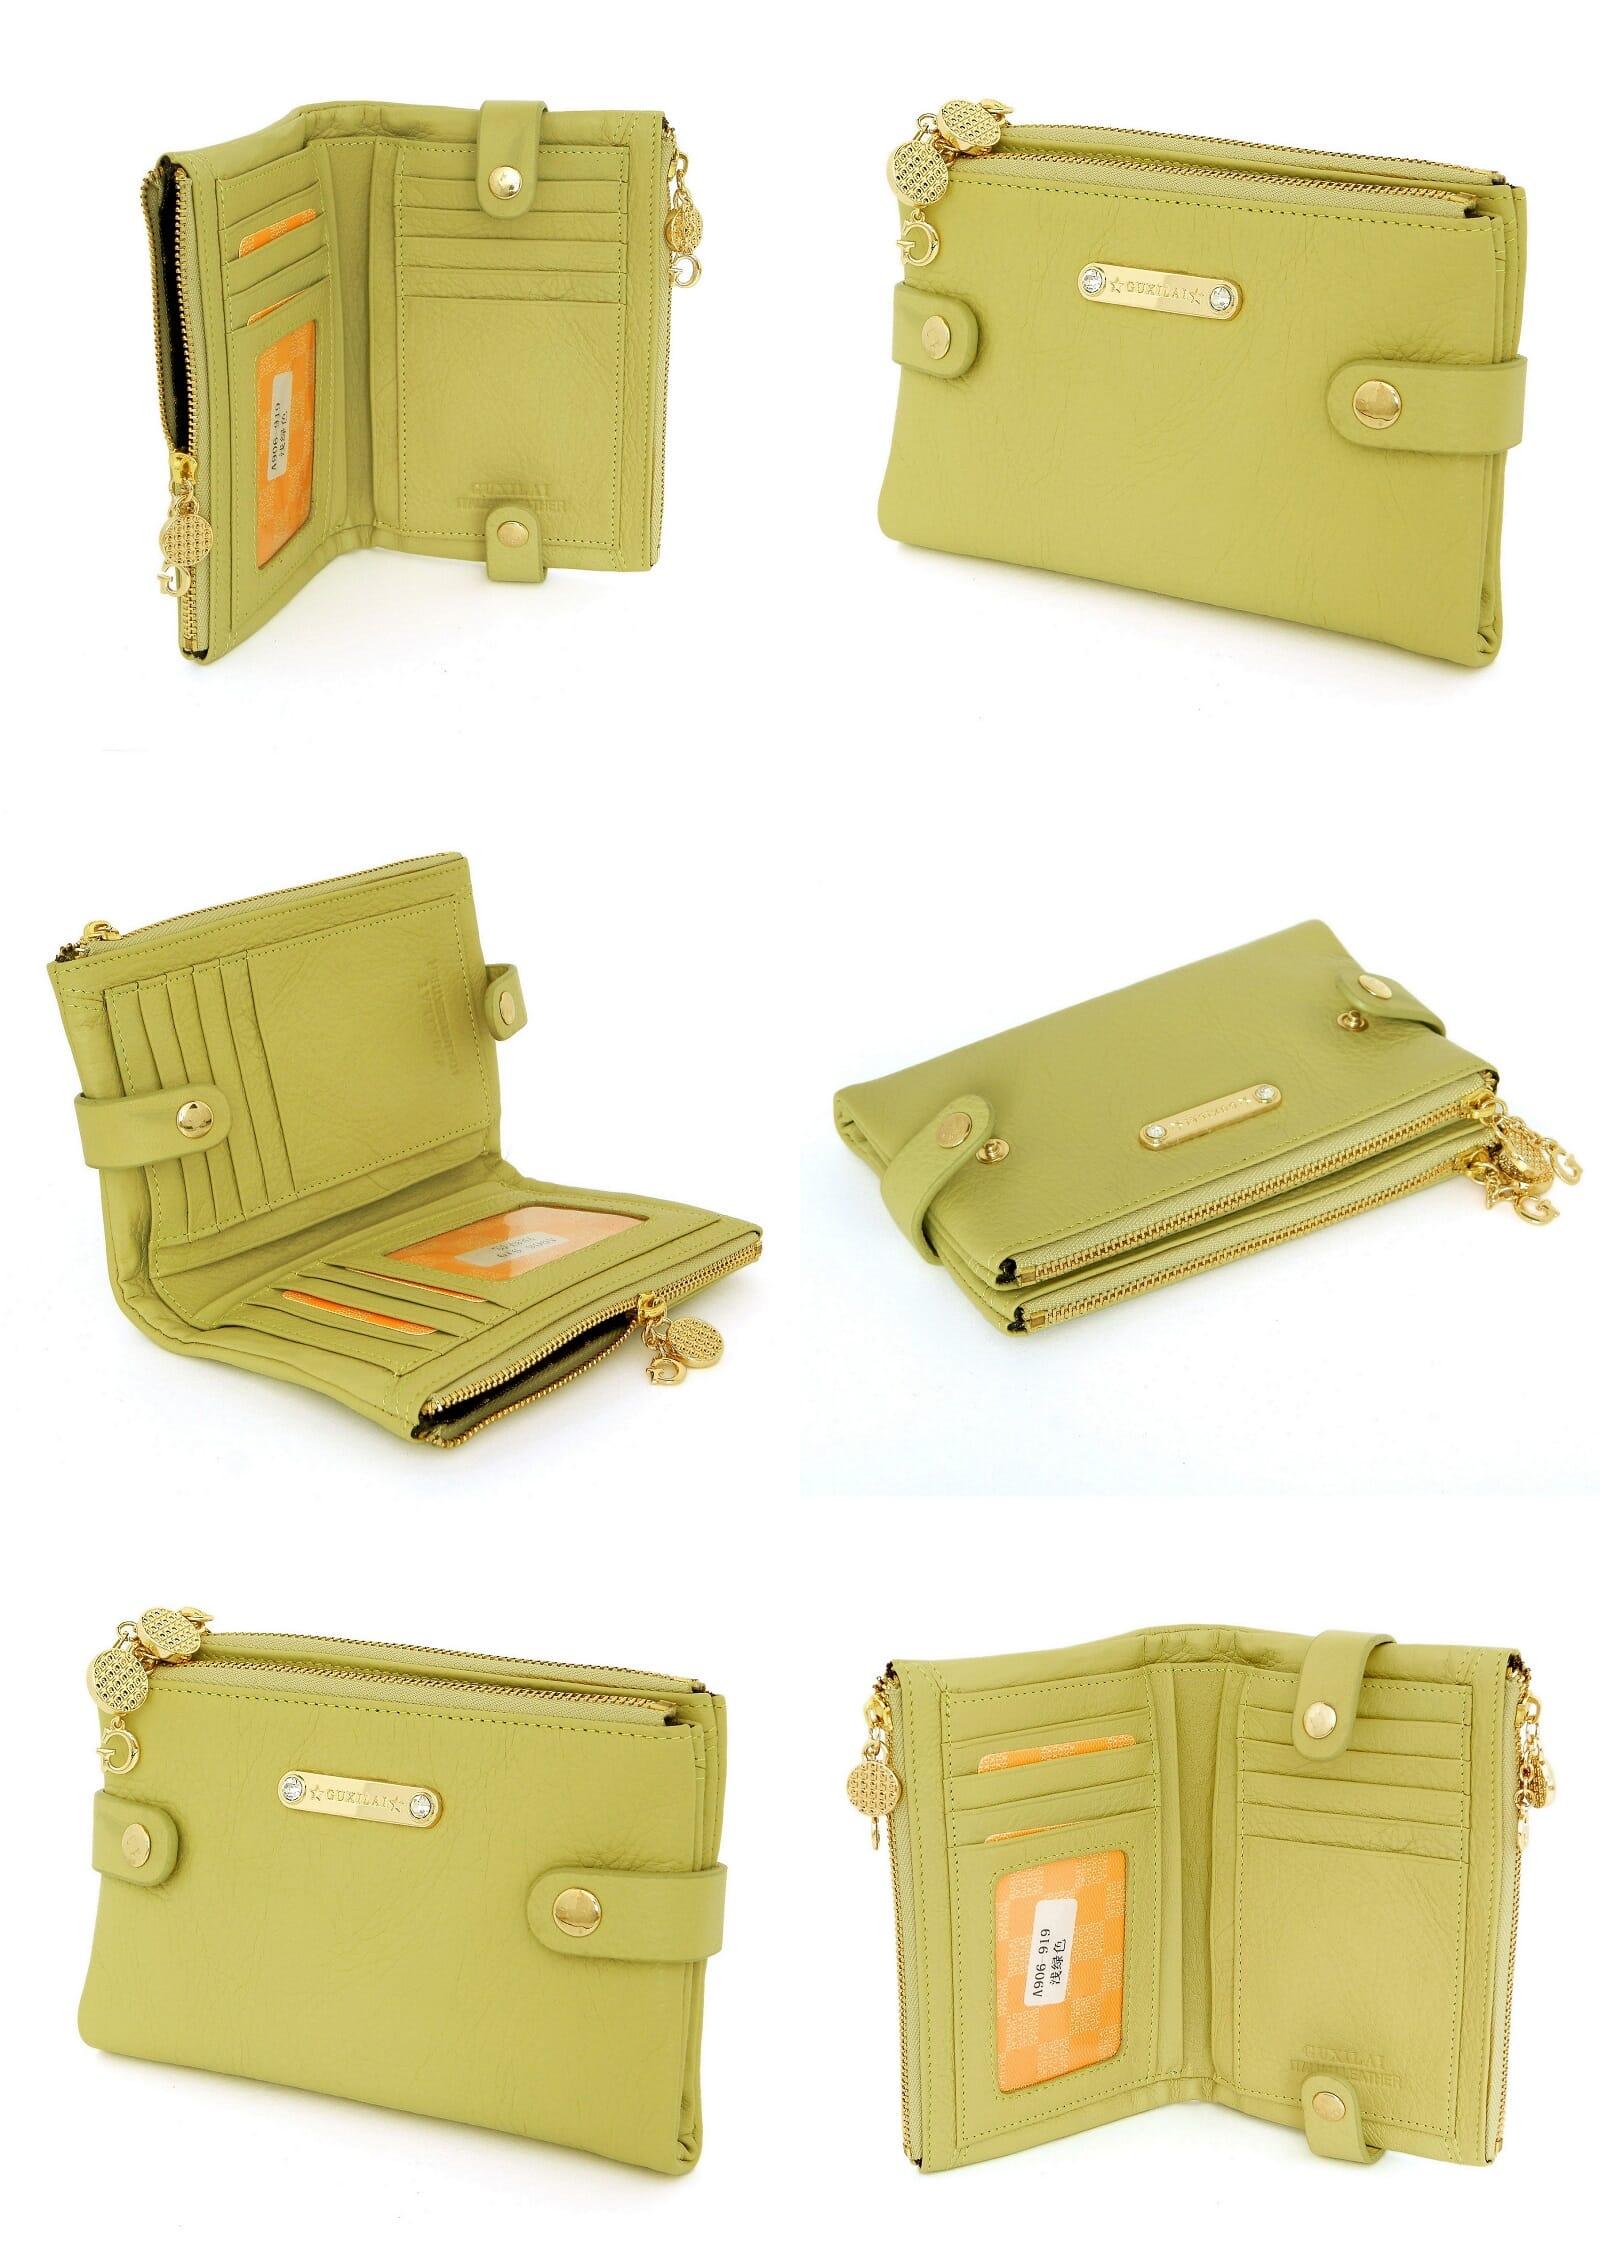 damen echt leder portemonnaie geldb rse geldbeutel brieftasche portmonee frauen ebay. Black Bedroom Furniture Sets. Home Design Ideas